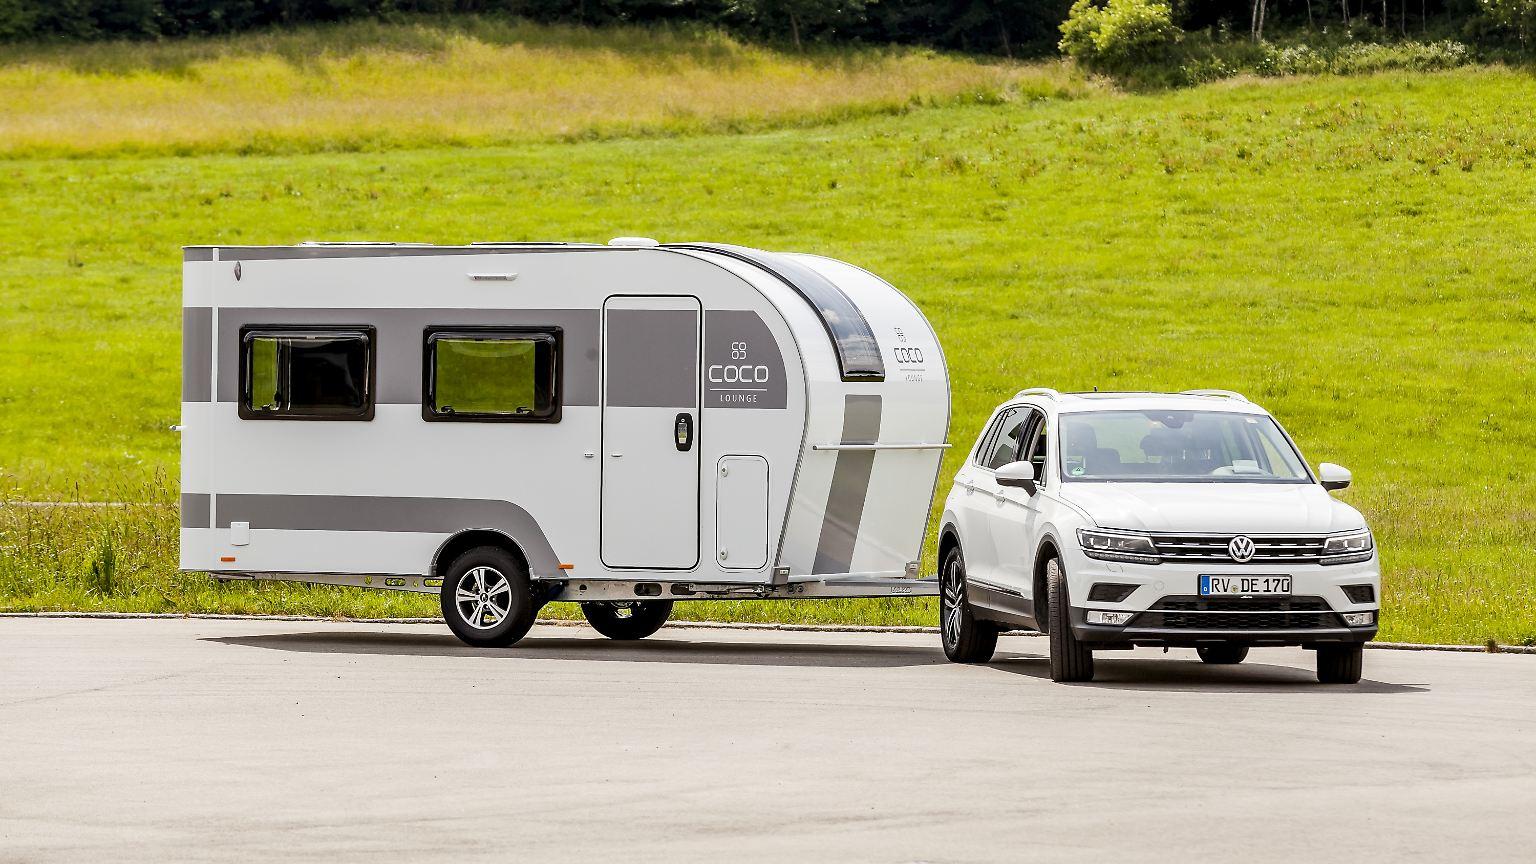 Neuheiten auf dem Caravan-Salon: Wohnwagen als Loft oder